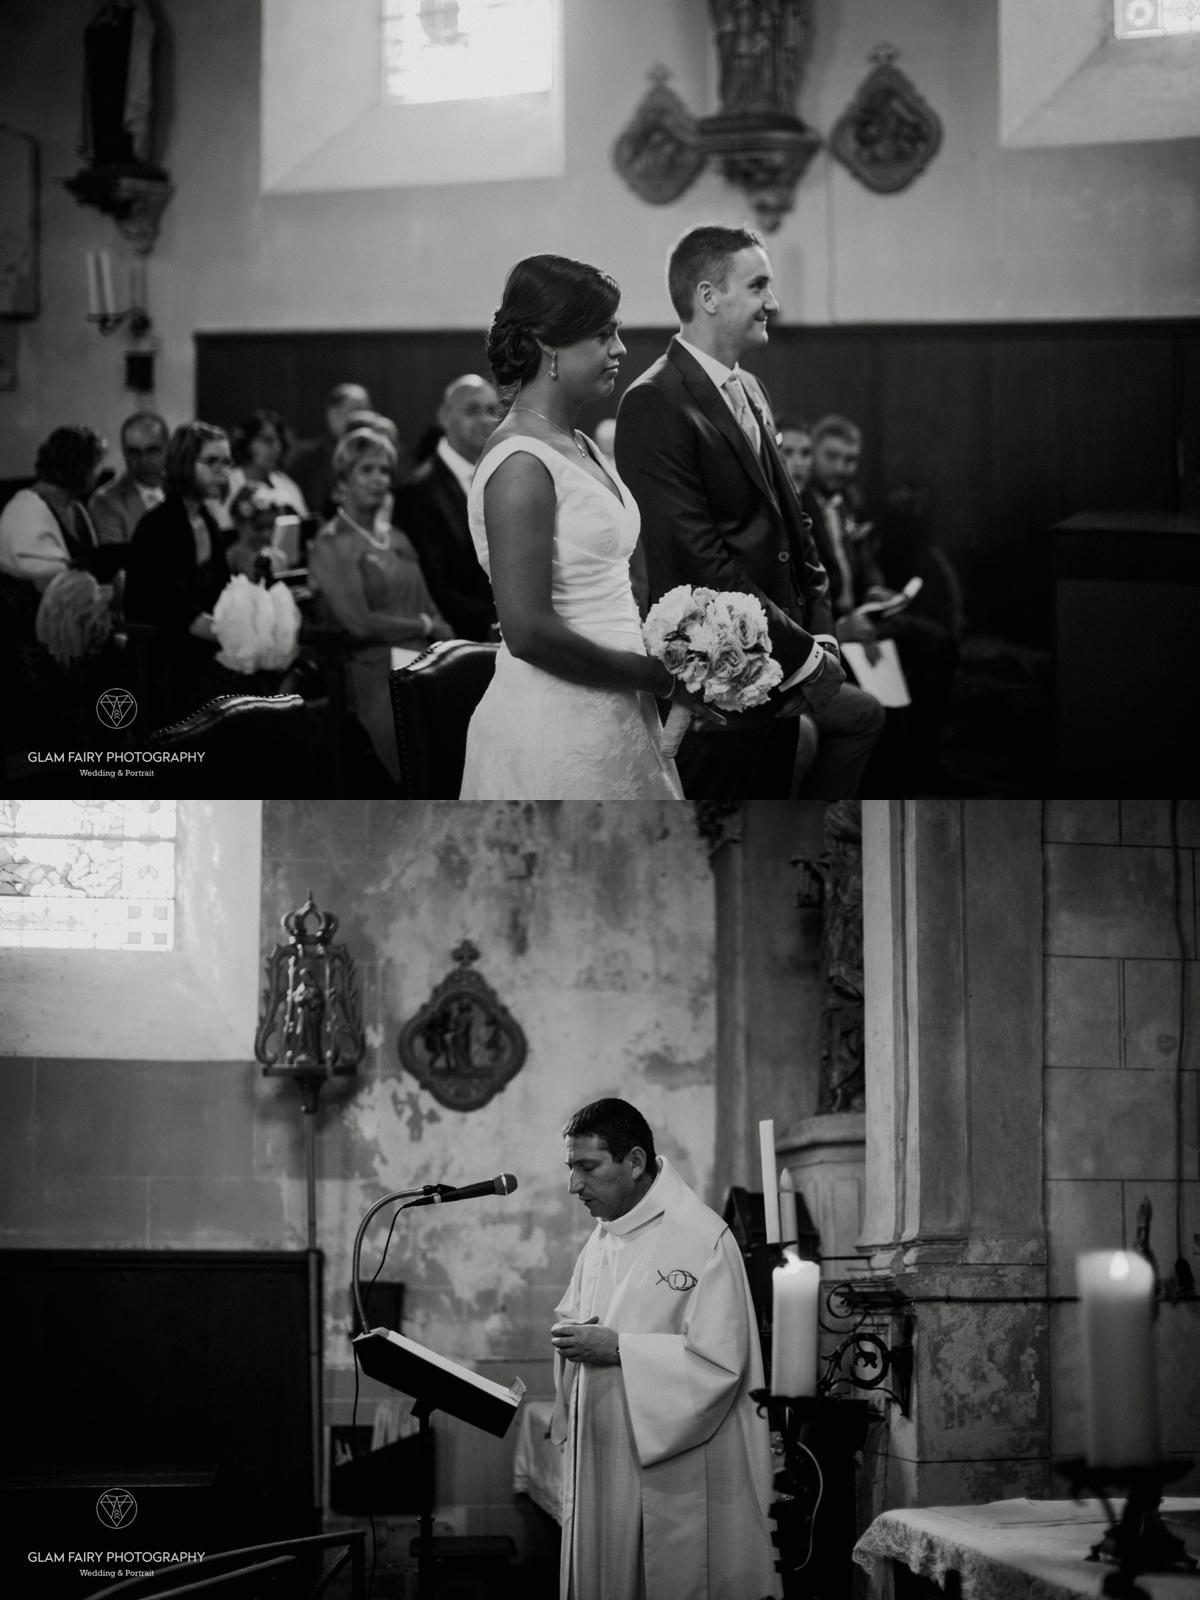 glamfairyphotography-mariage-manoir-de-portejoie-anais_0047